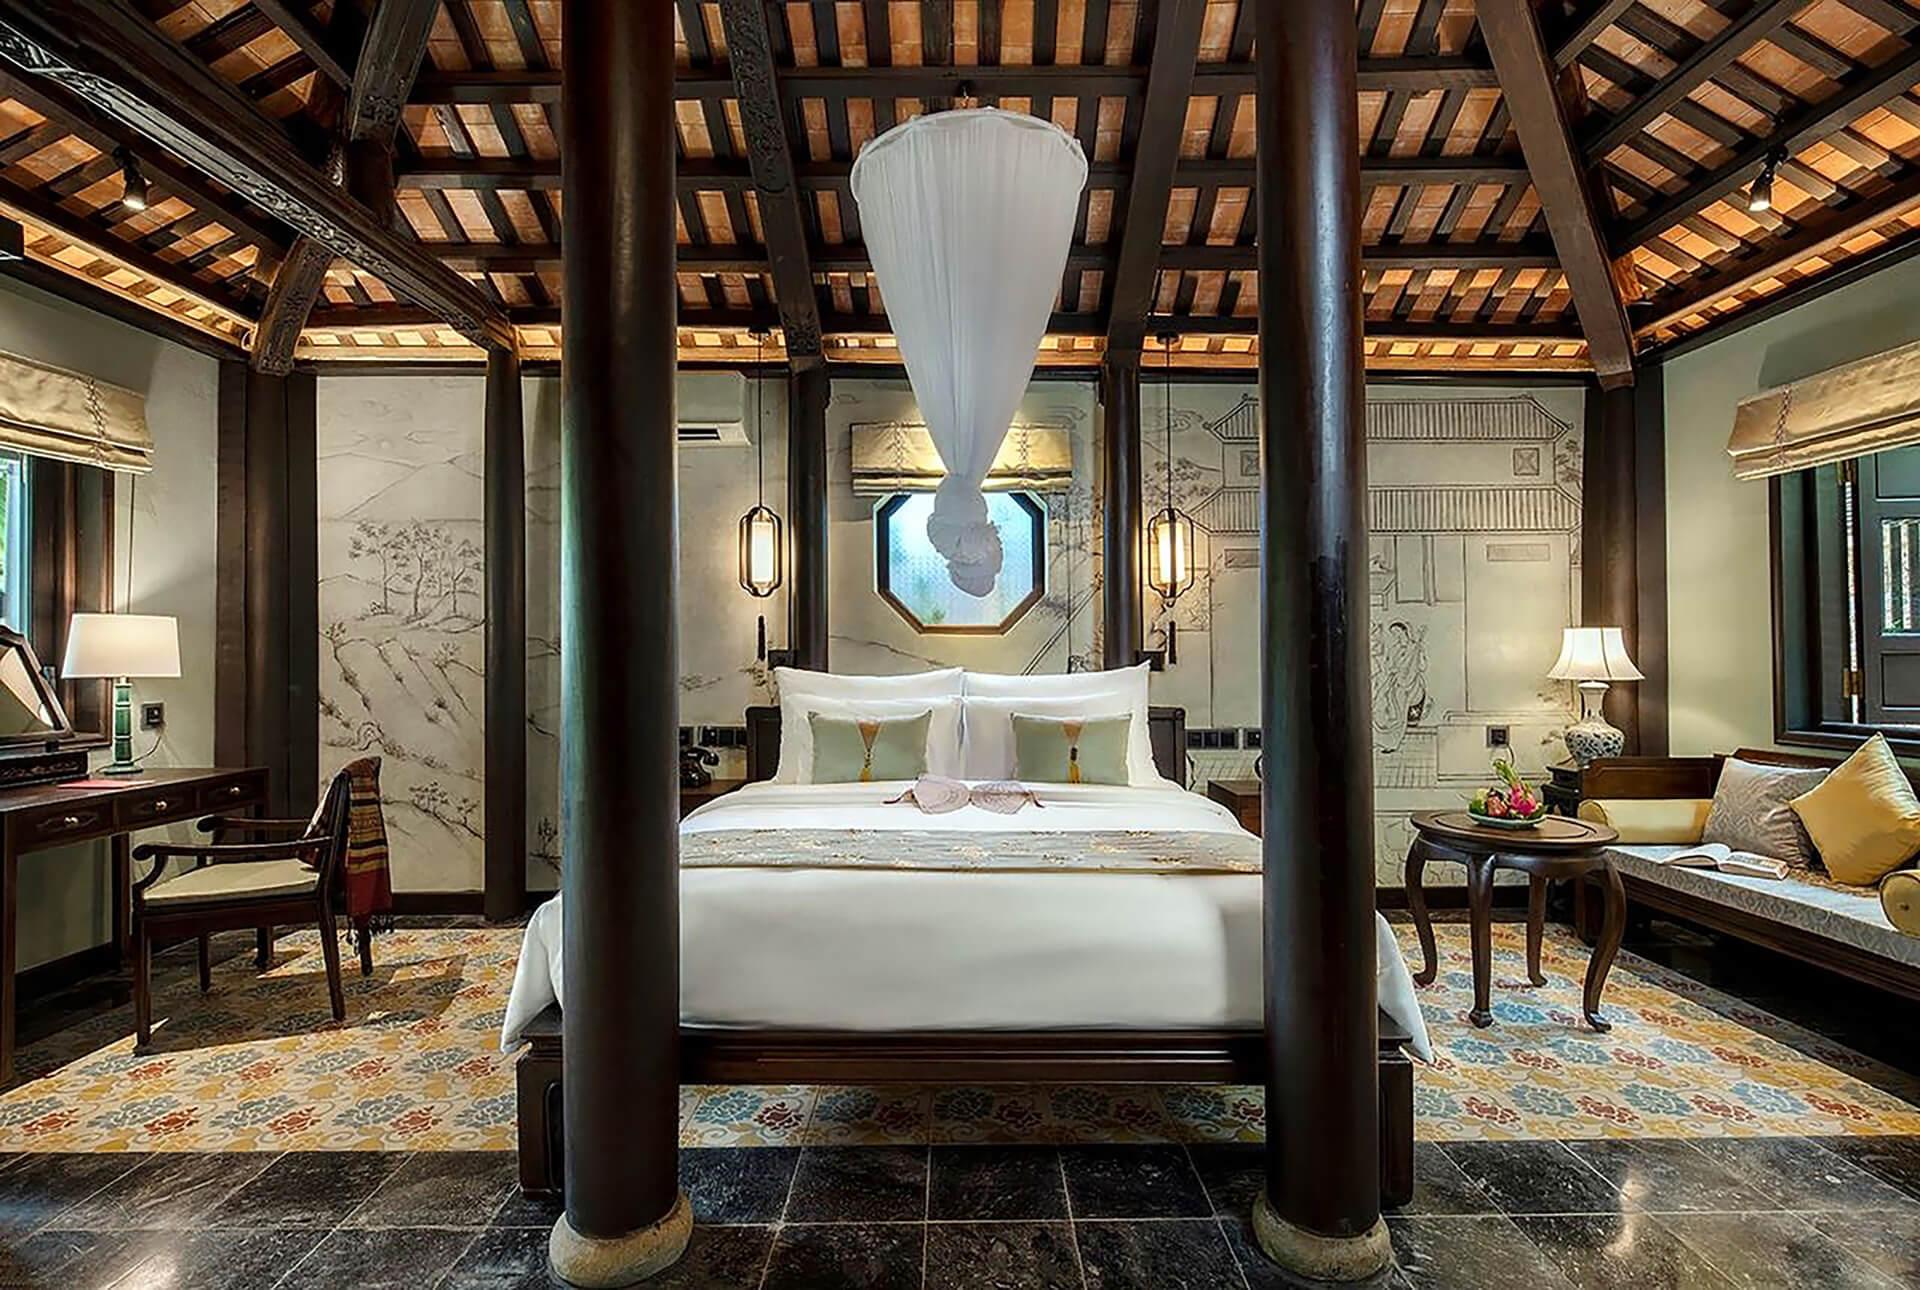 Đèn Xinh sử dụng đèn thả kết hợp đèn bàn có ánh sáng vàng giúp phòng ngủ trong công trình Ancient Hue Garden Houses trở nên nhẹ nhàng, ấm áp